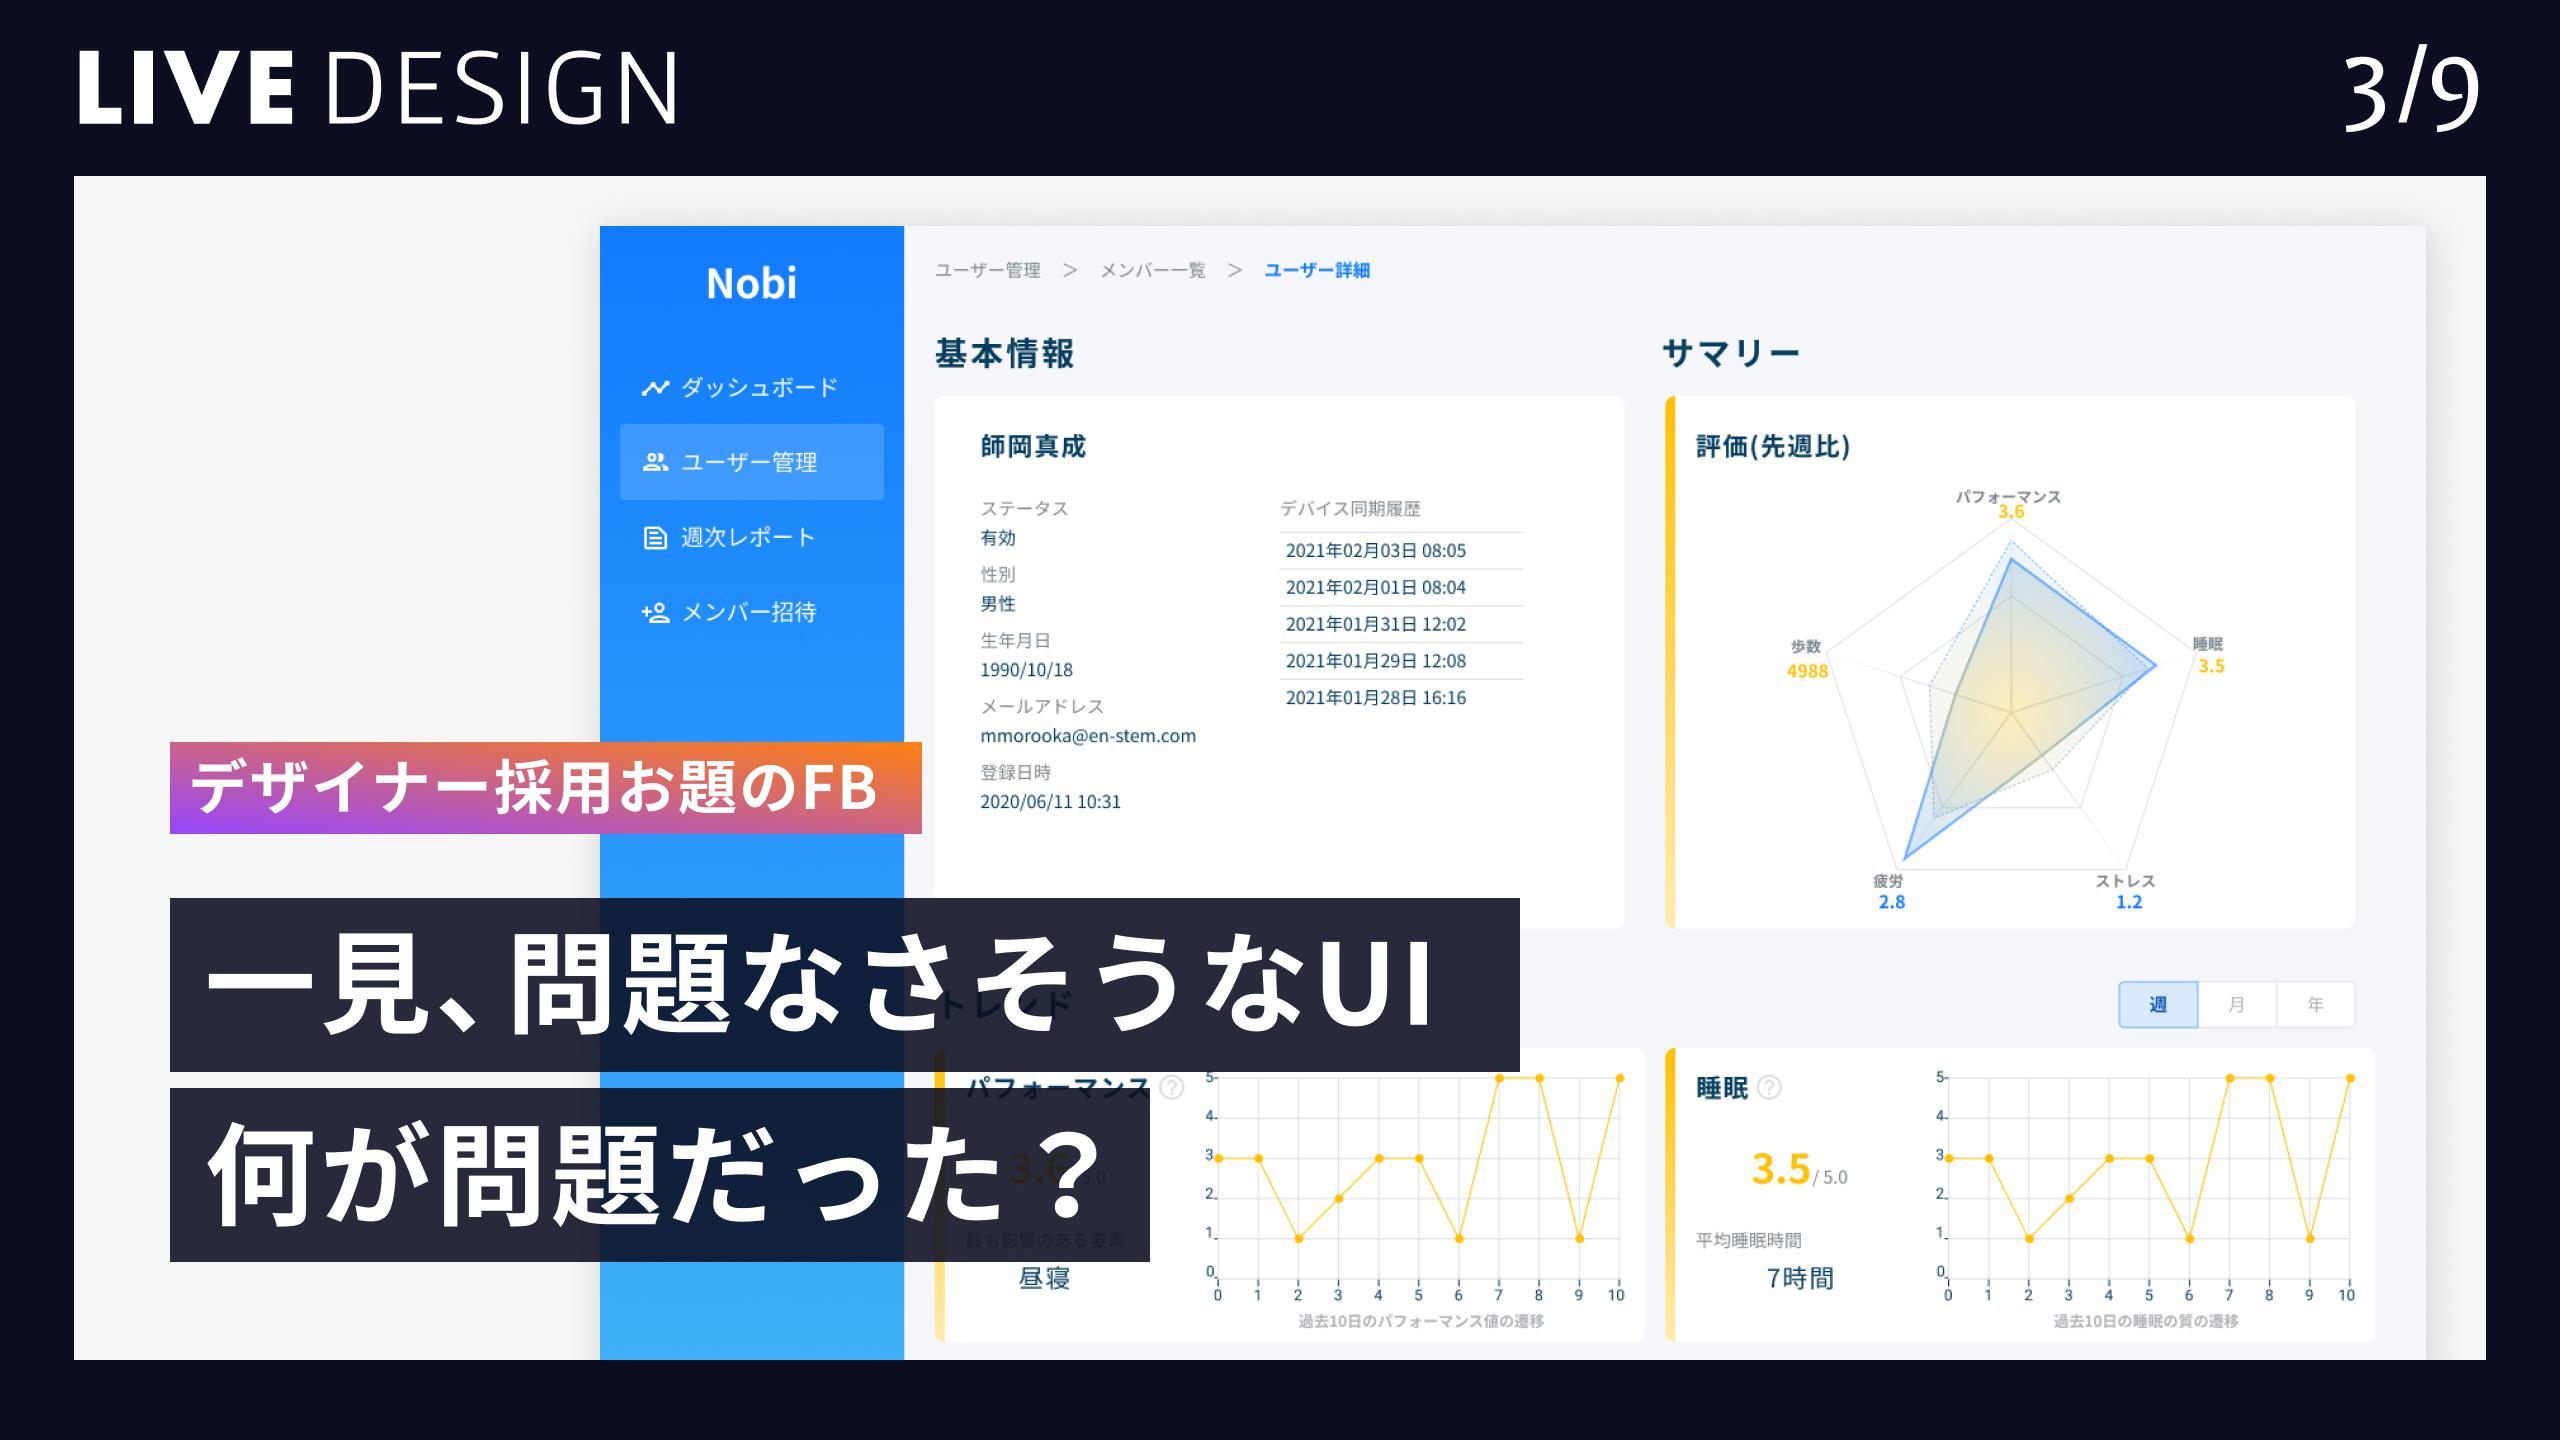 【ライブデザイン】Nobi-Miyakoさん:マネージャーがメンバーと1on1するときに生態データがみれる画面のリデザイン